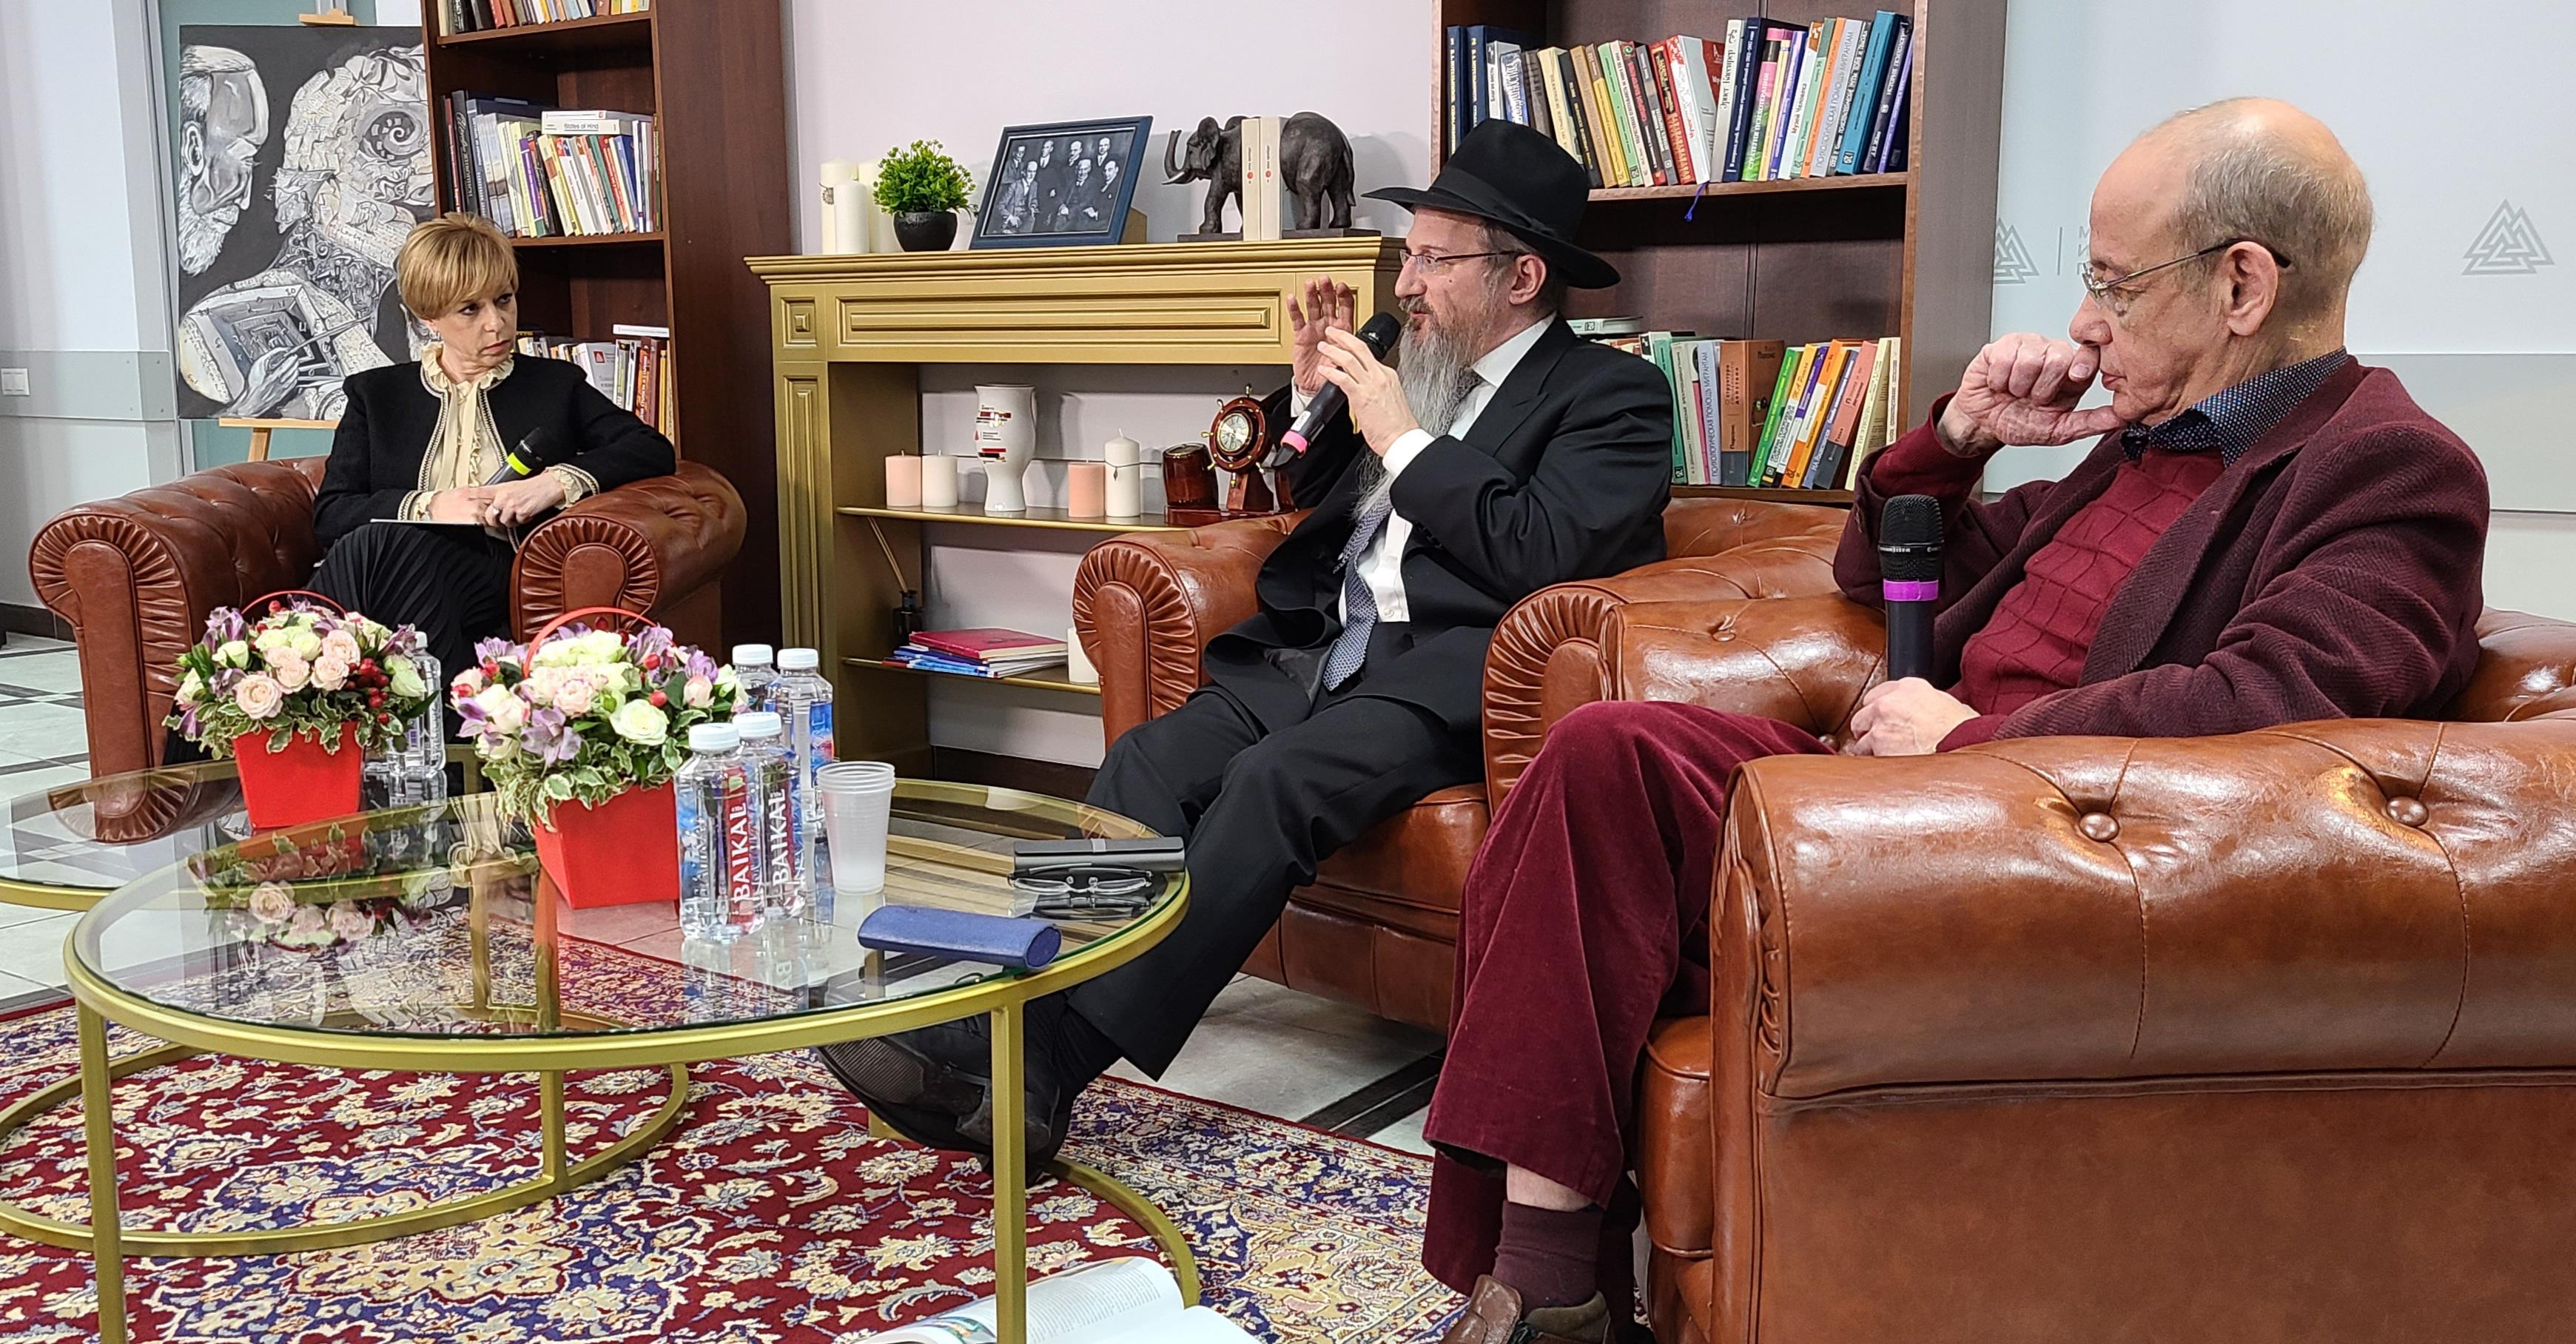 О душе в психологии и религии говорили раввин Лазар и д-р Асмолов